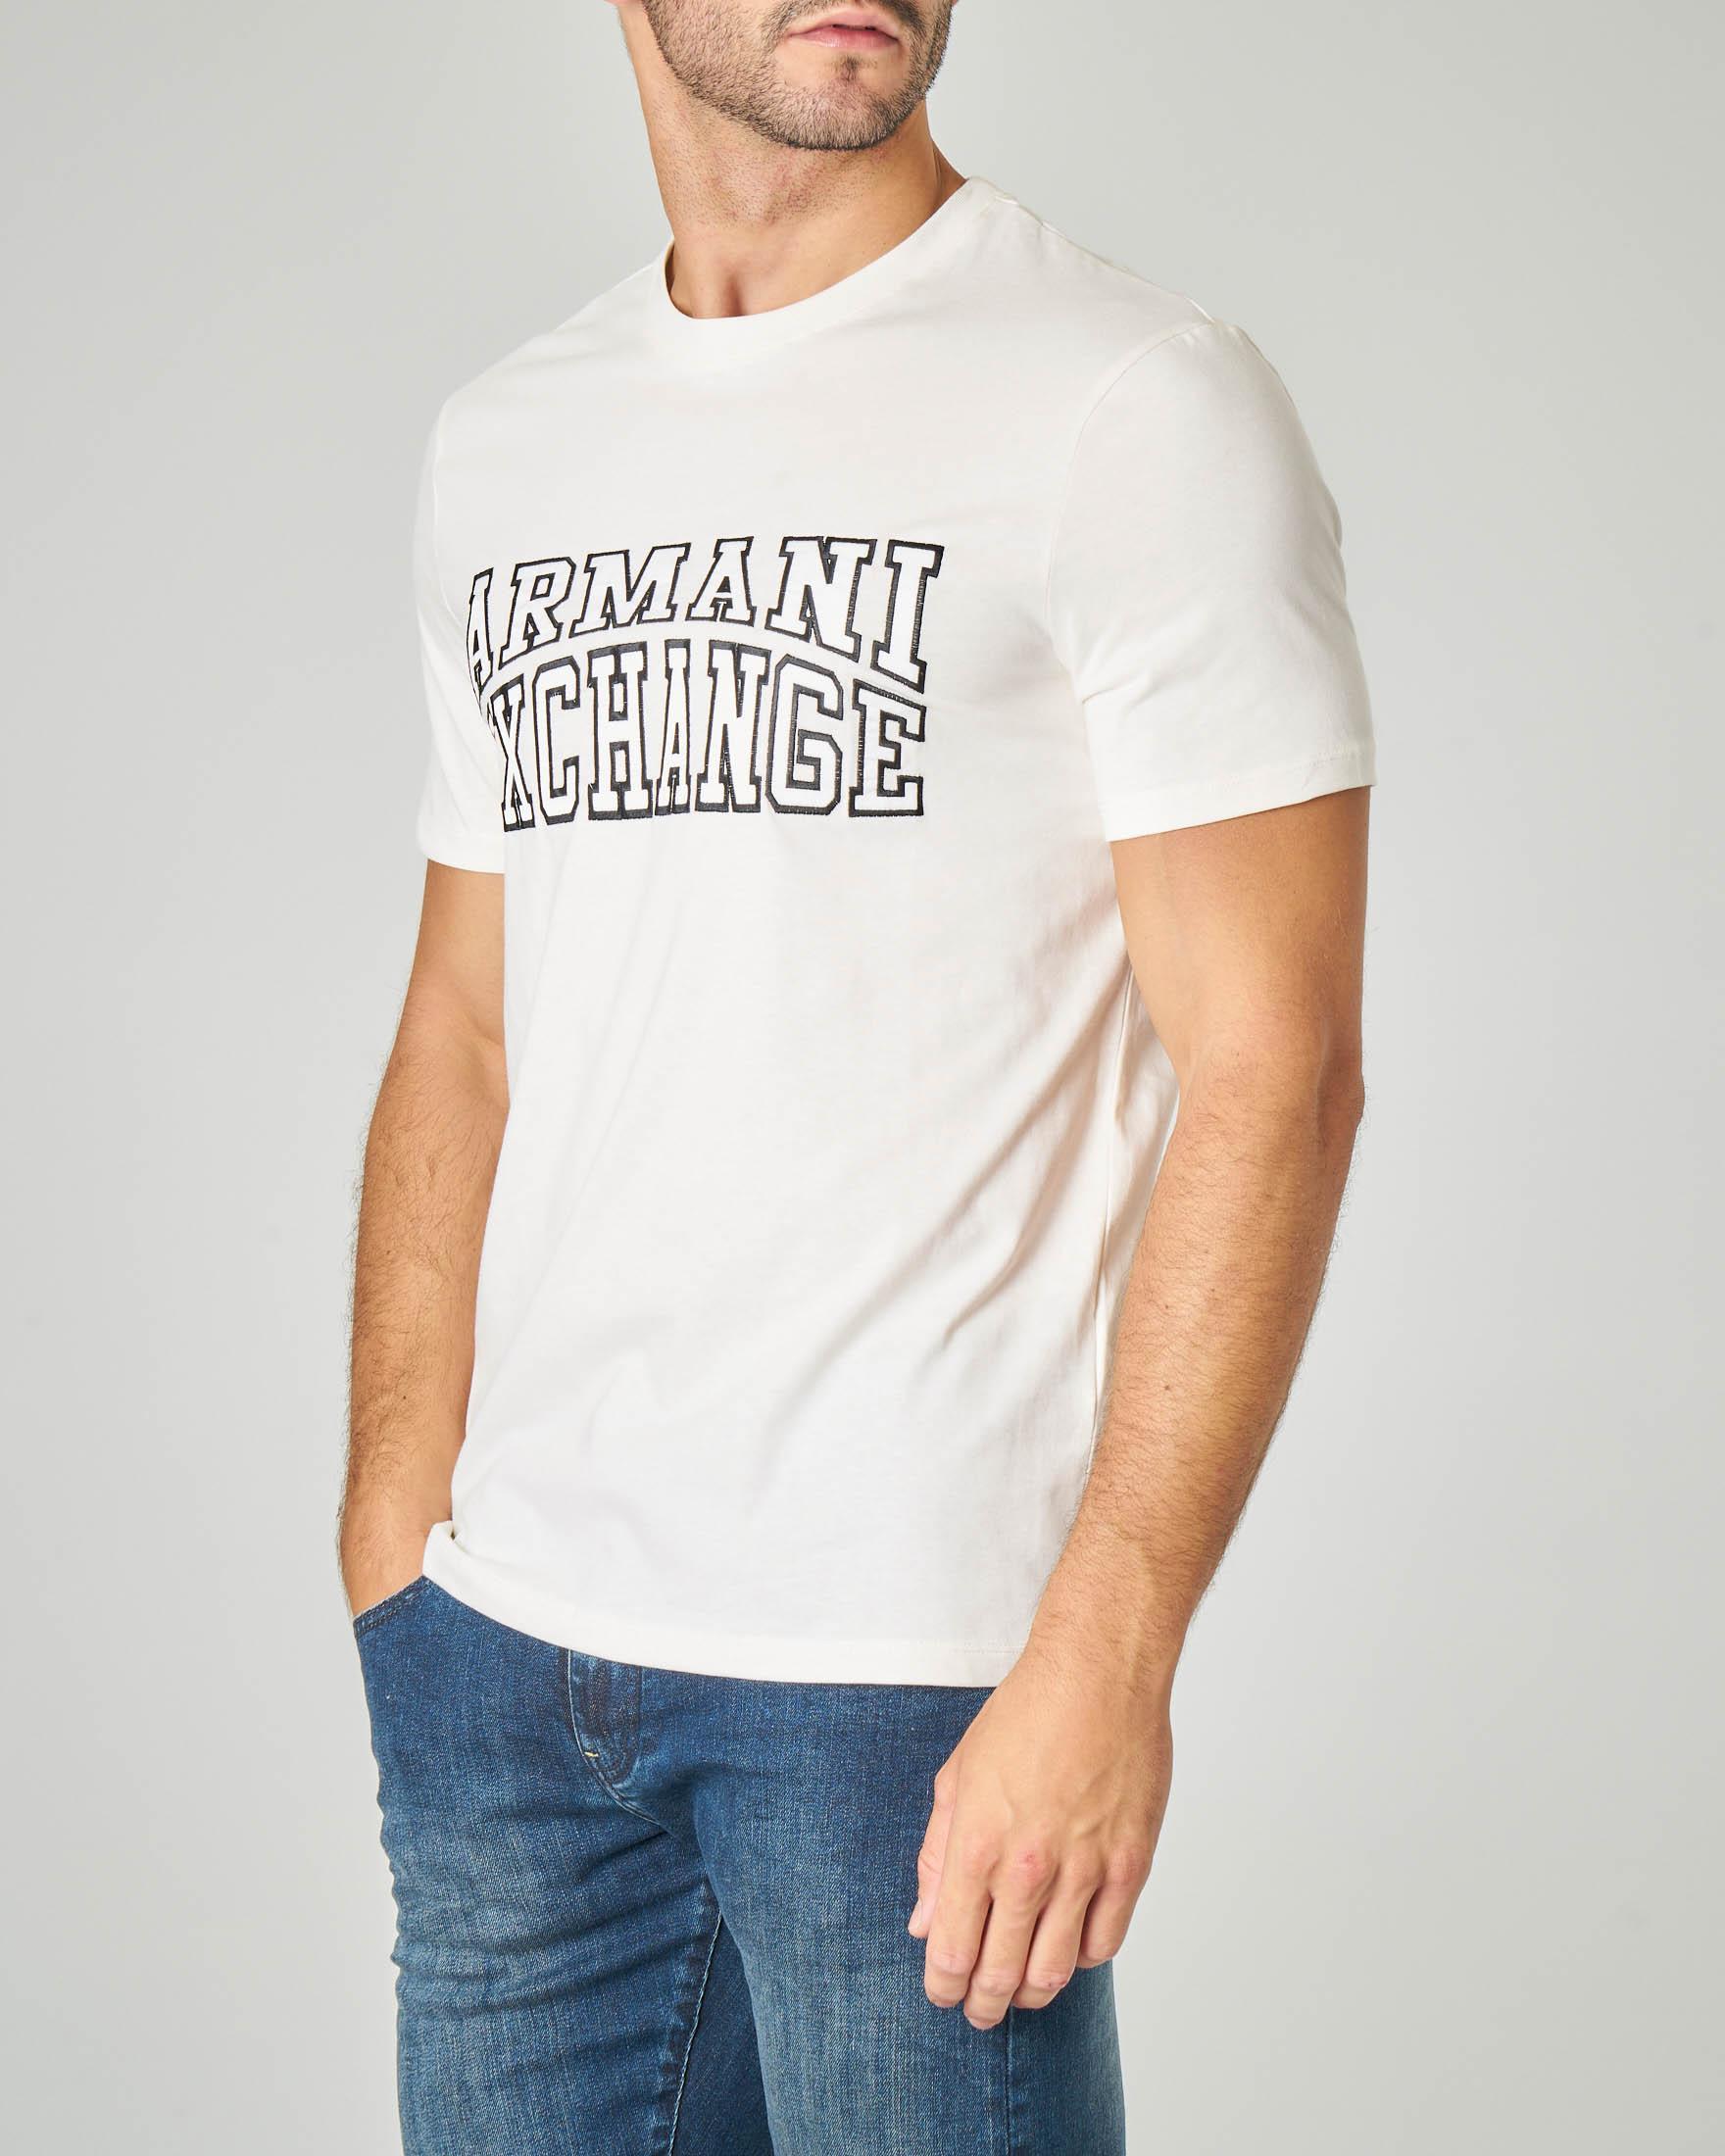 T-shirt mezza manica bianca con logo ricamato in rilievo